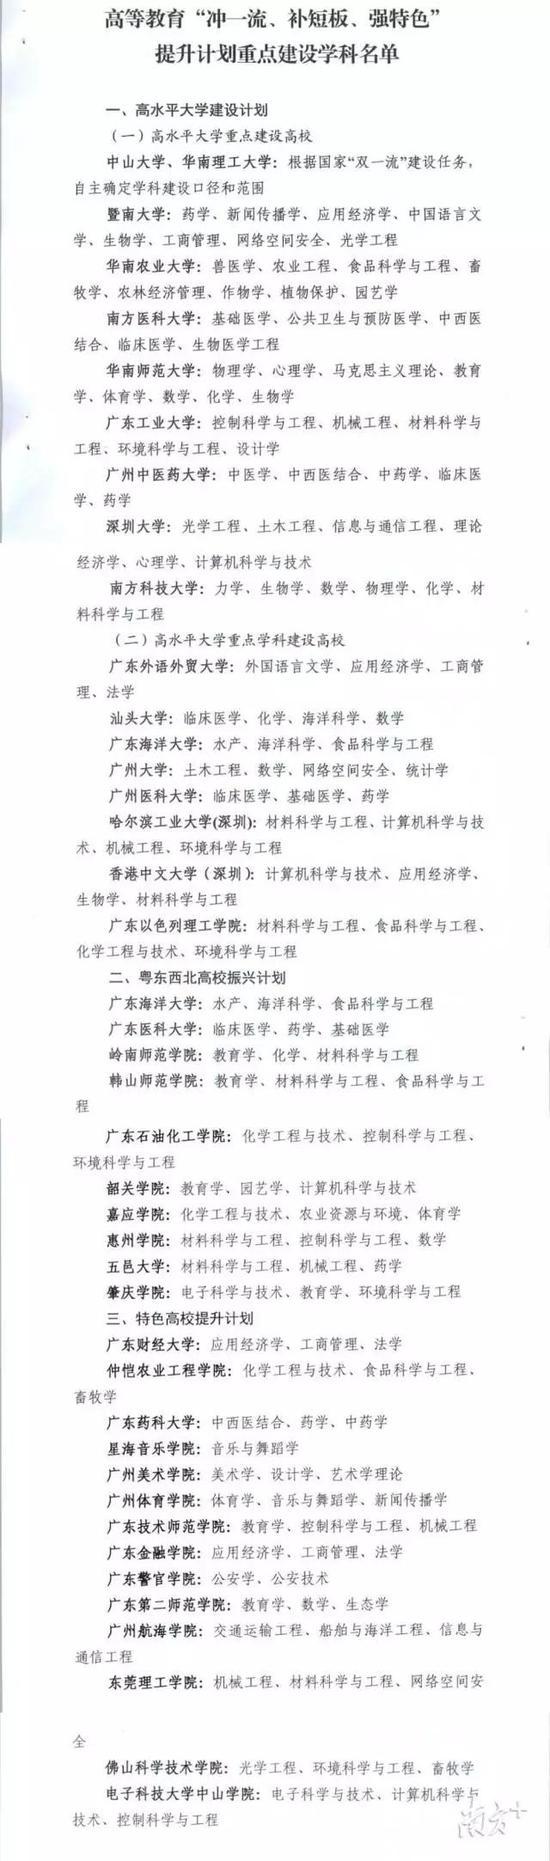 """广东高等教育""""冲一流、补短板、强特色""""提升计划重点建设学科。"""